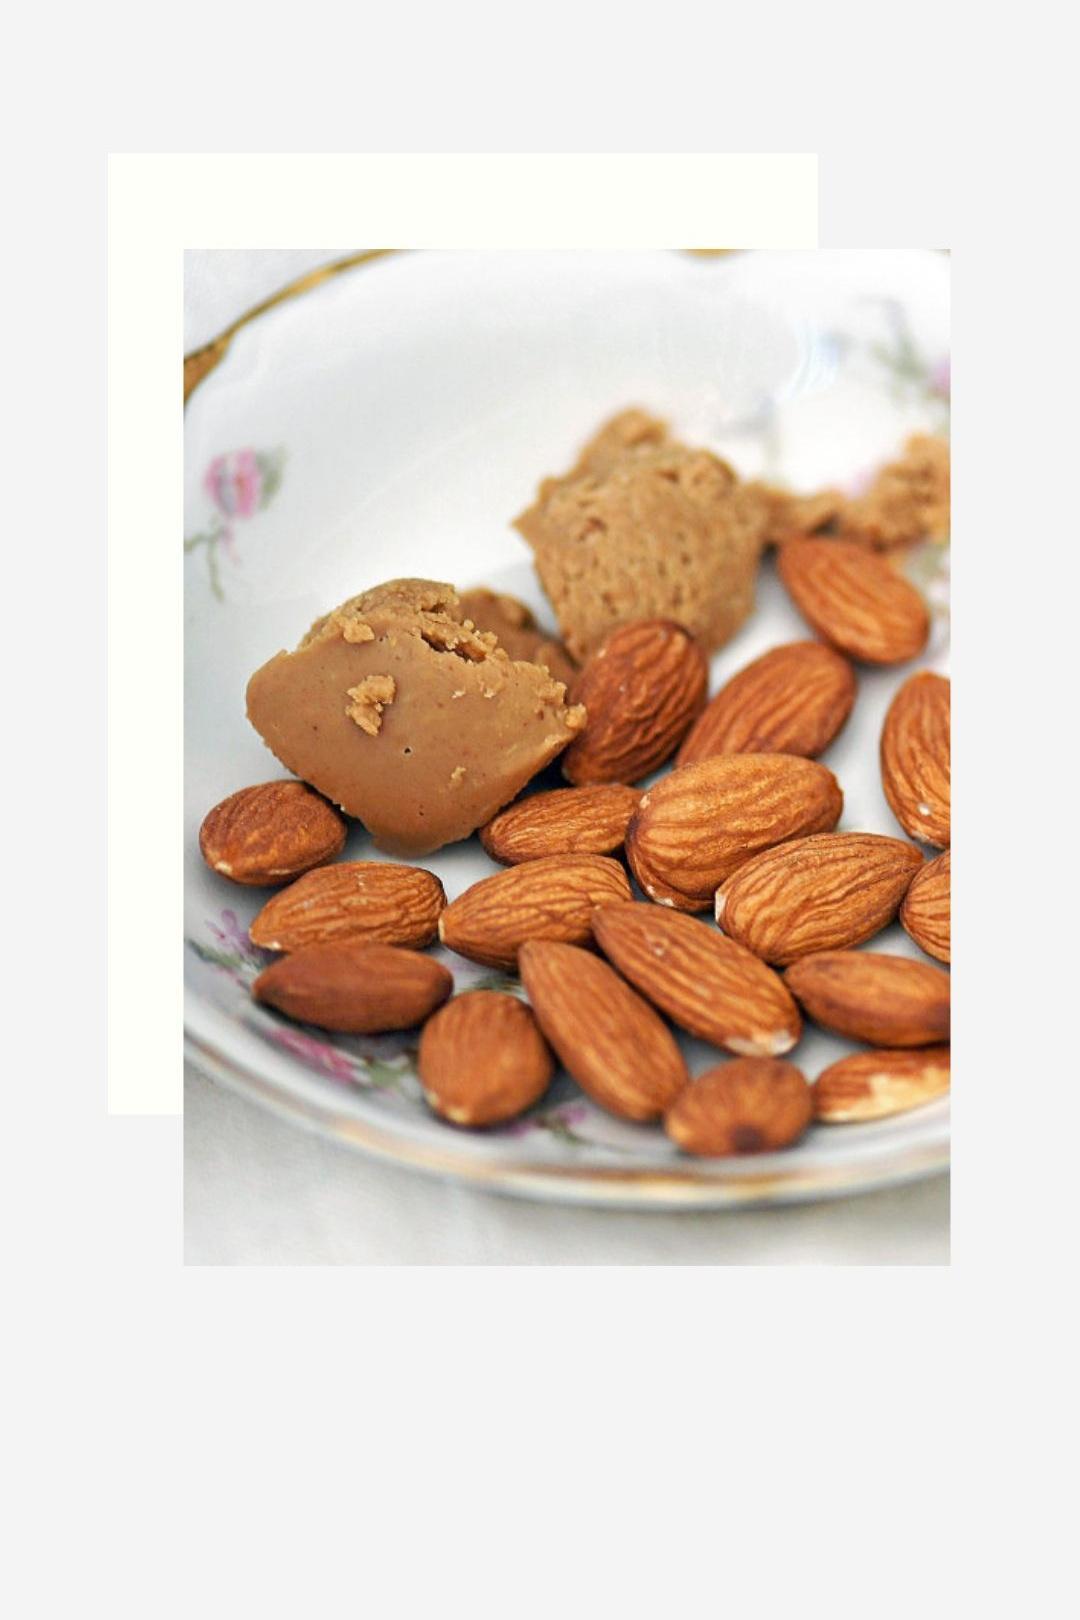 snack - Includes bite-size snacks, bars